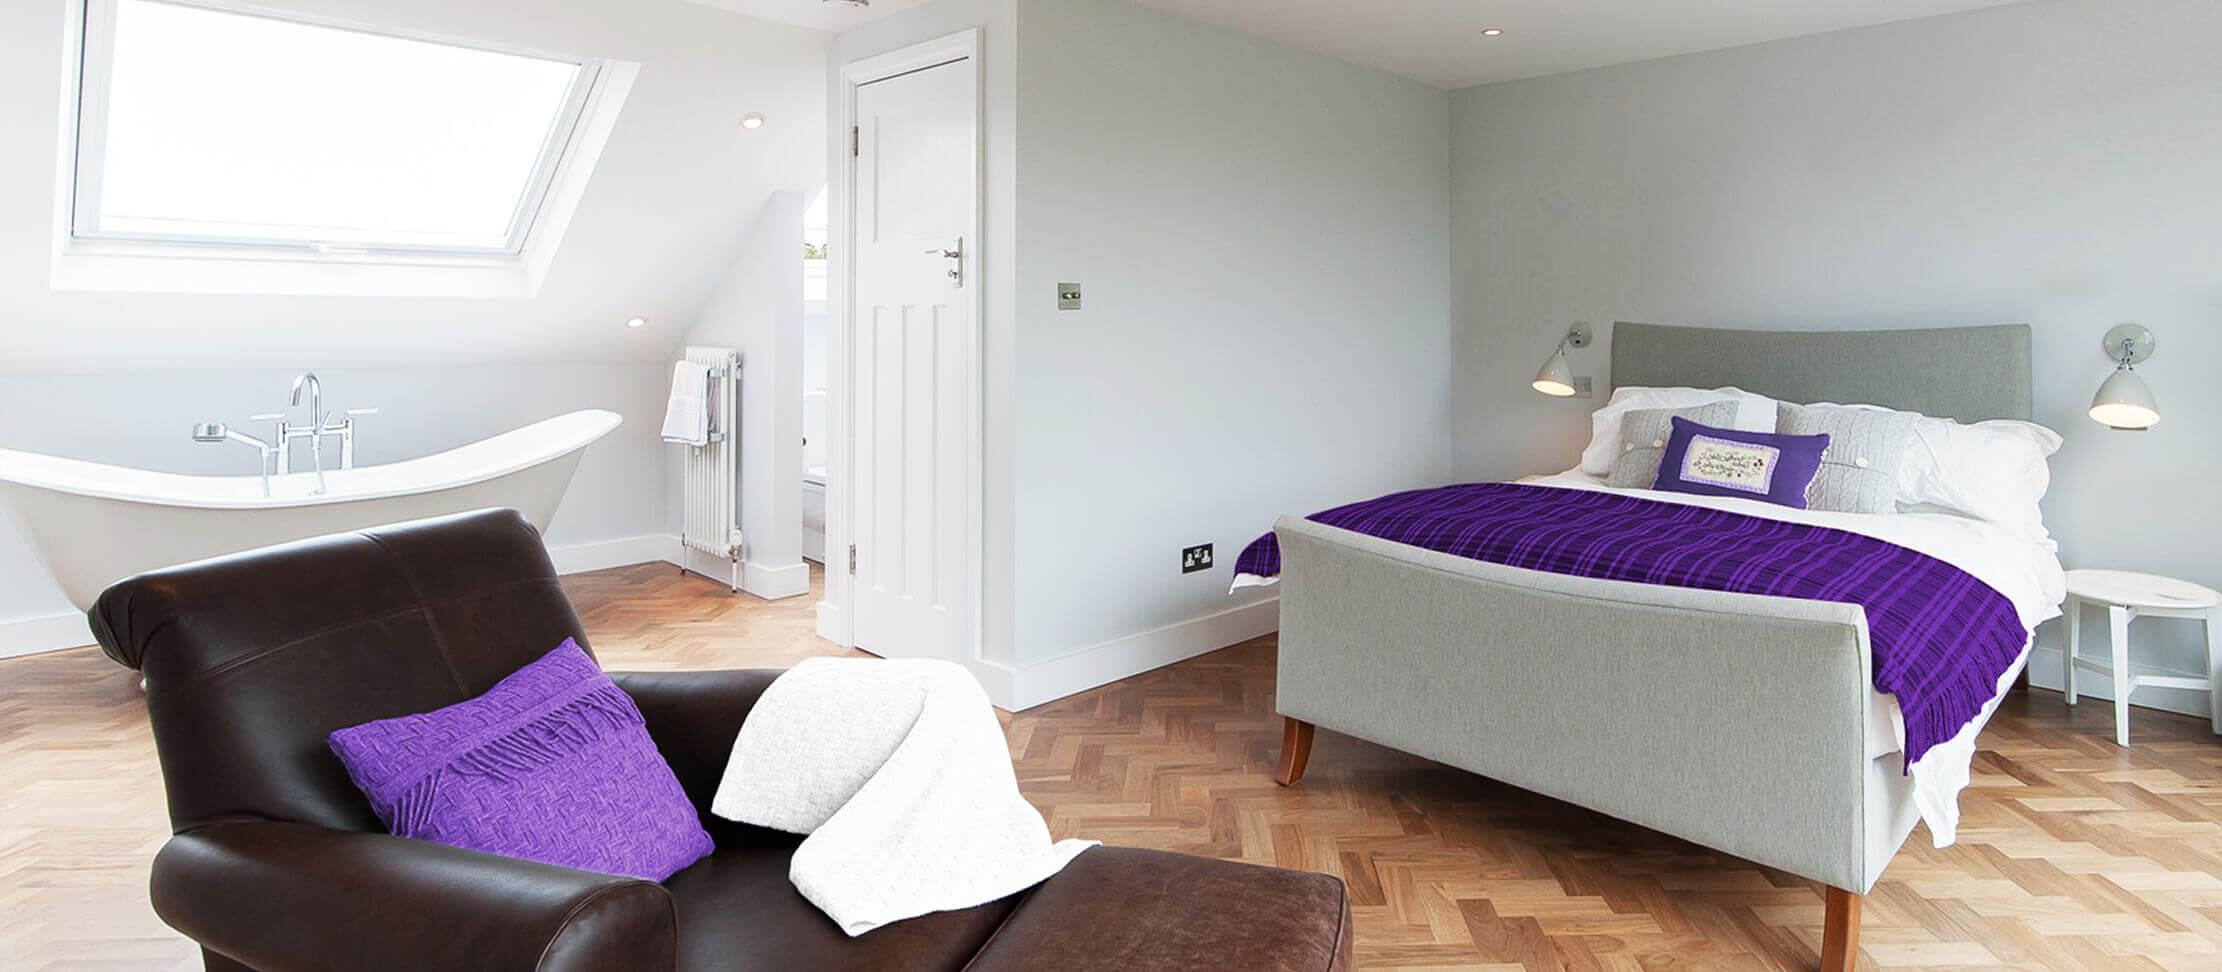 london-loft-conversion-builders